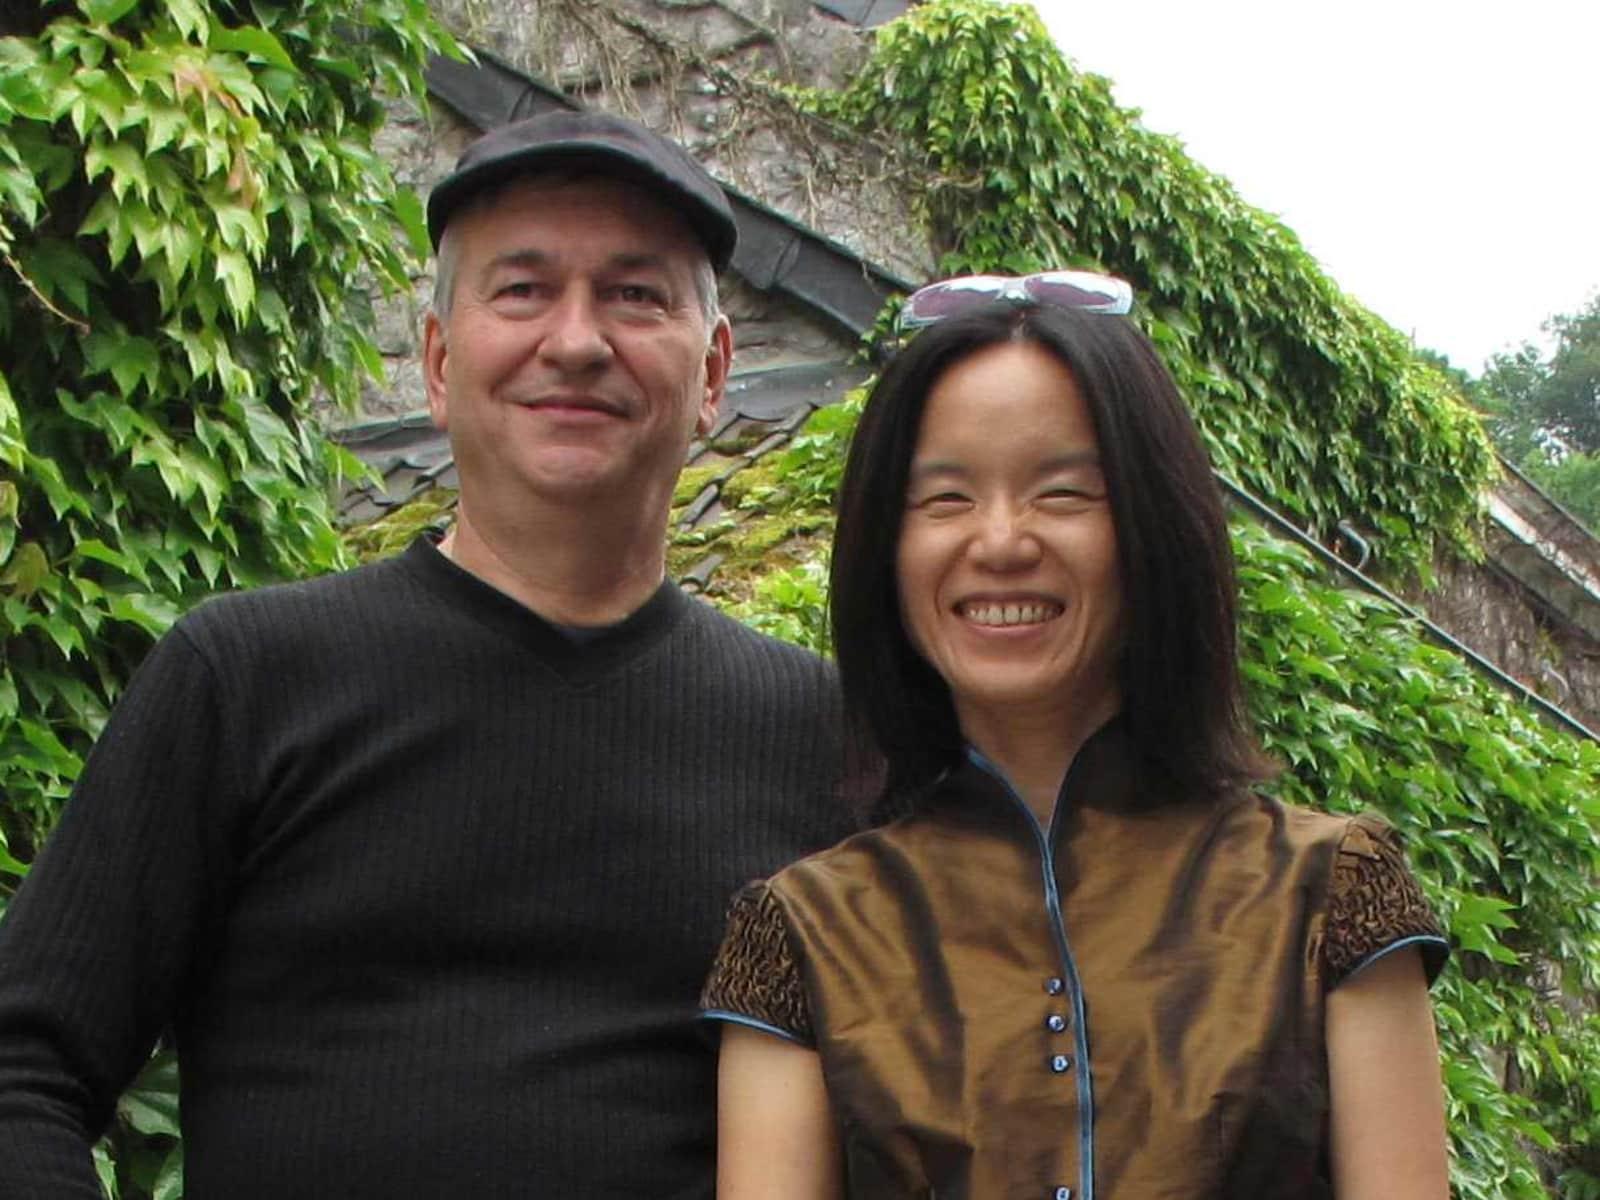 Marc & Sue wen from Sandstone Point, Queensland, Australia